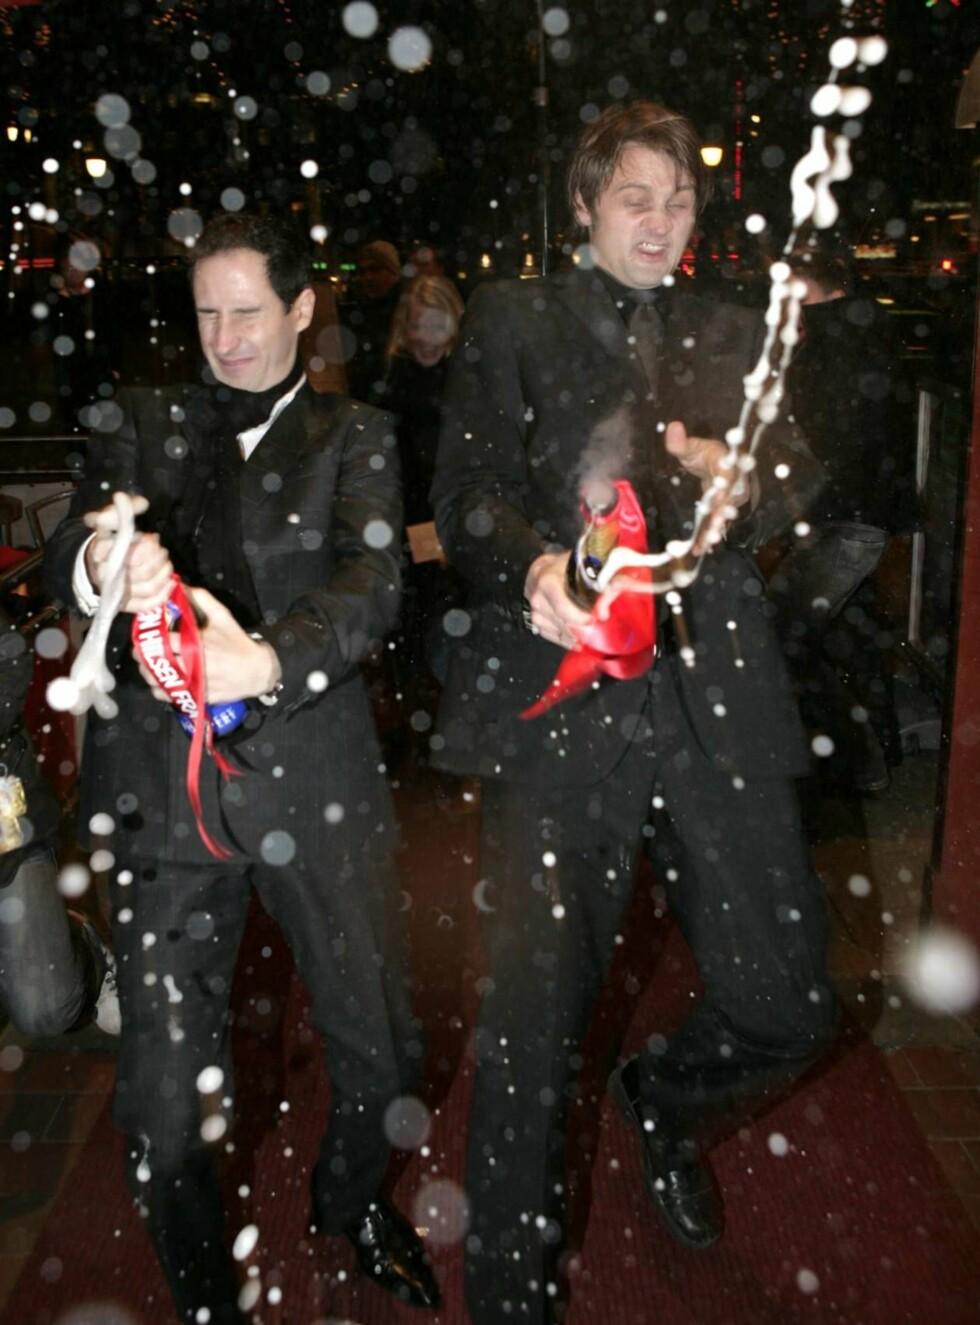 SPRUT: Thomas og Harald lot finstas være finstas, og ristet løs på Se og Hør-champagnen. Foto: Se og Hør